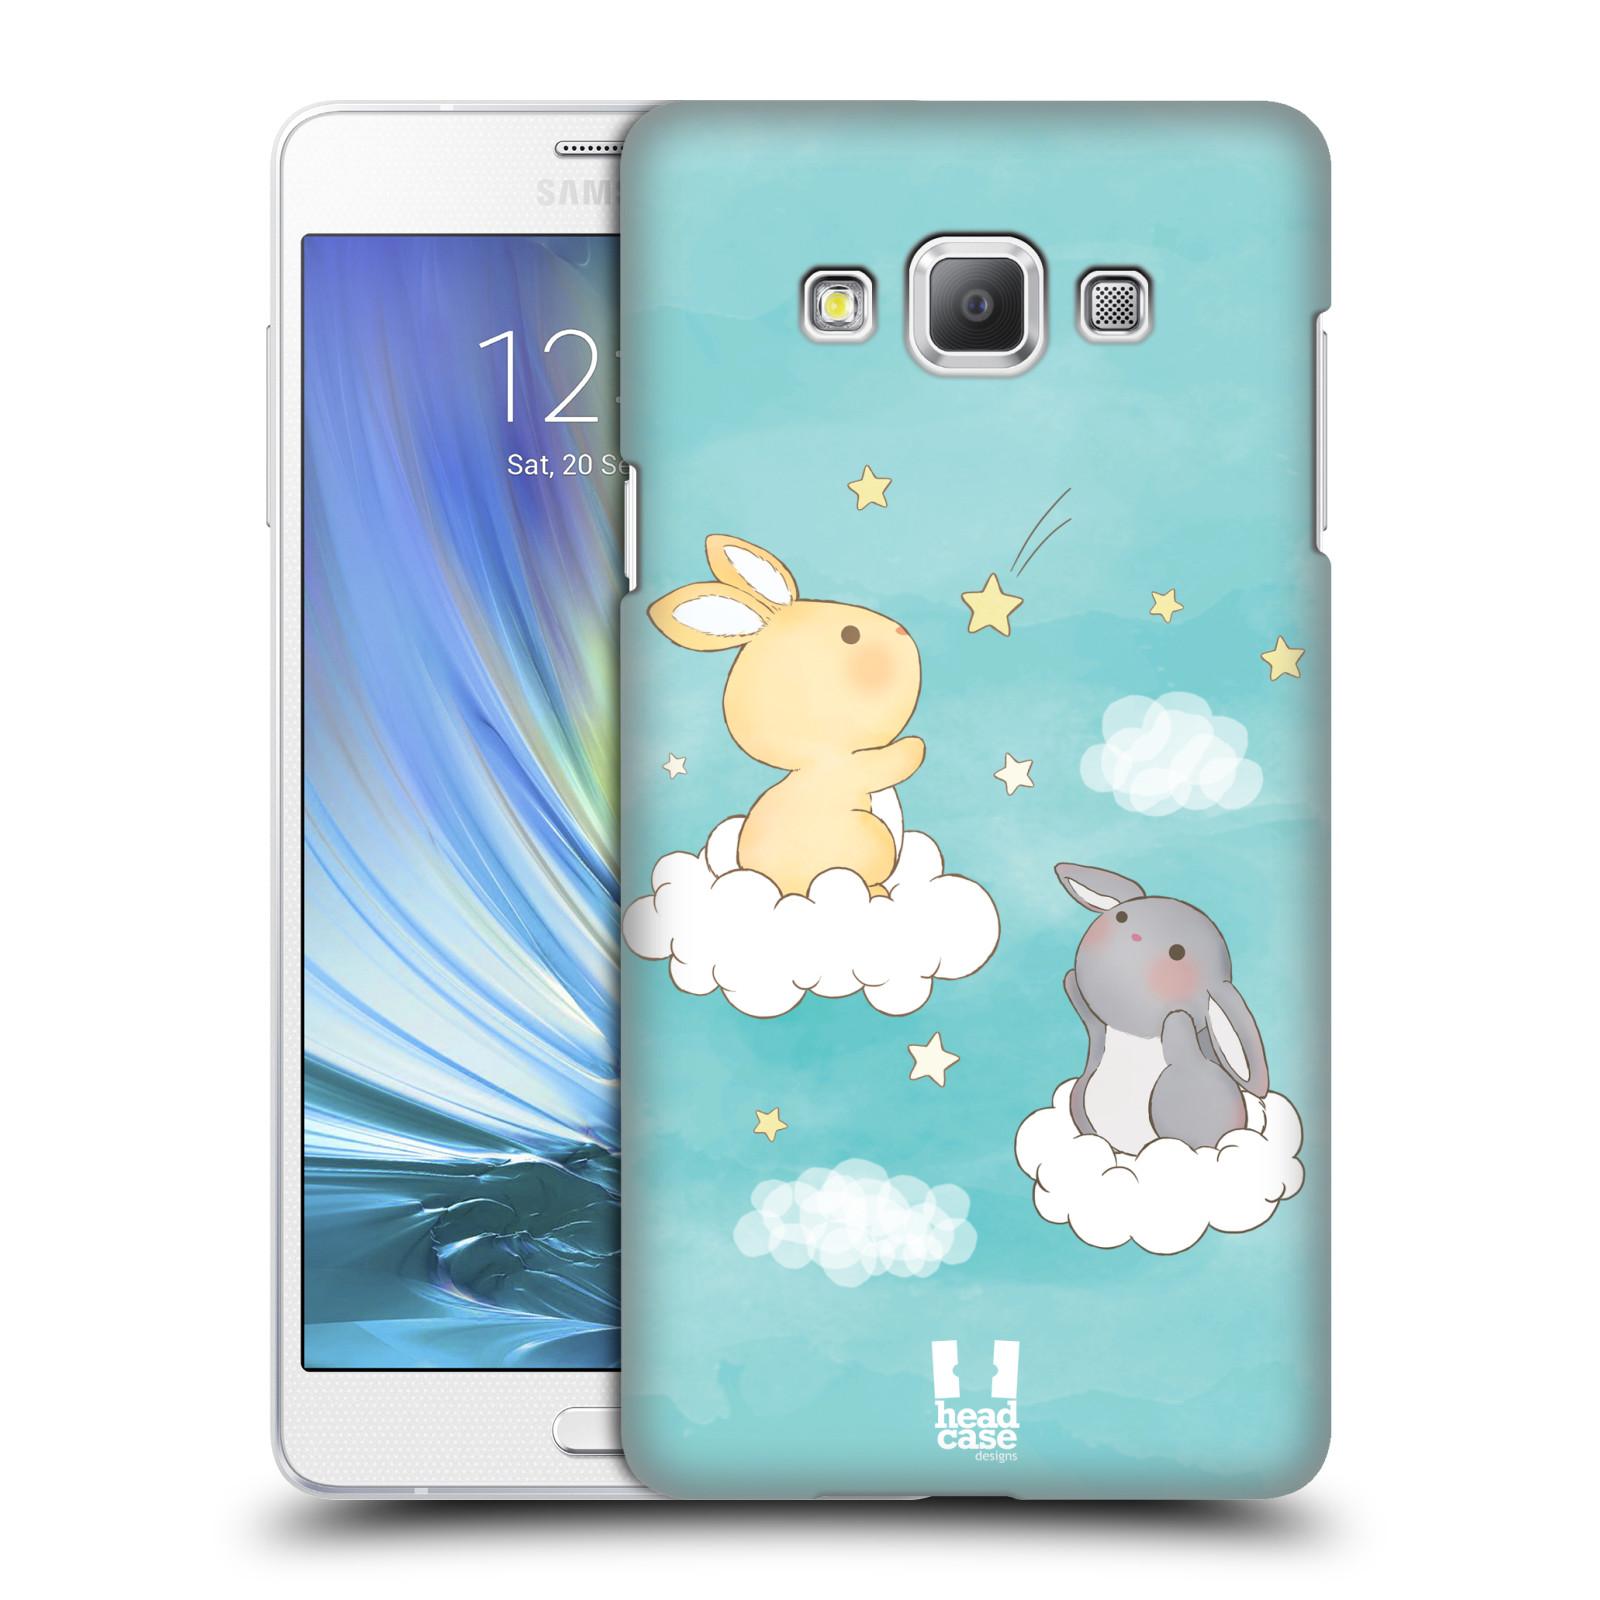 HEAD CASE plastový obal na mobil SAMSUNG GALAXY A7 vzor králíček a hvězdy modrá